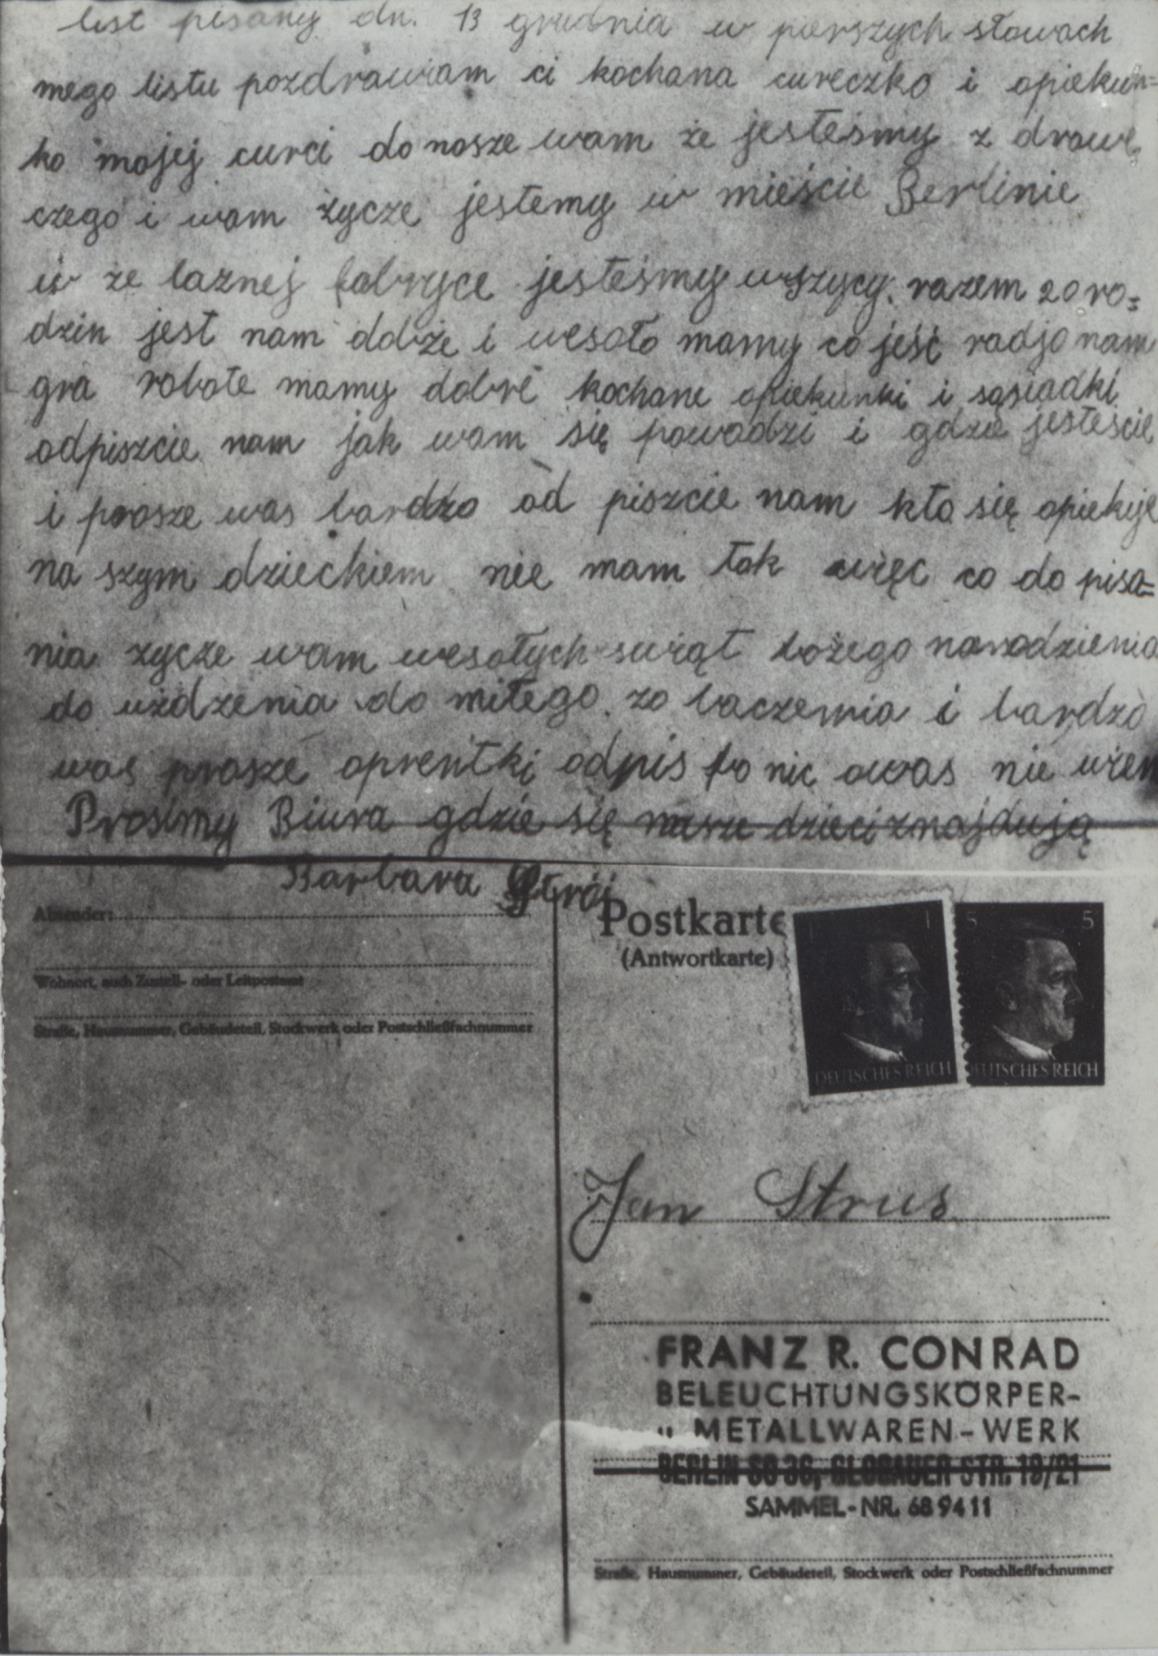 Fot. 3. Pocztówka Jan Strusia do córki. Źródło: I.Z.Dok. I-658.